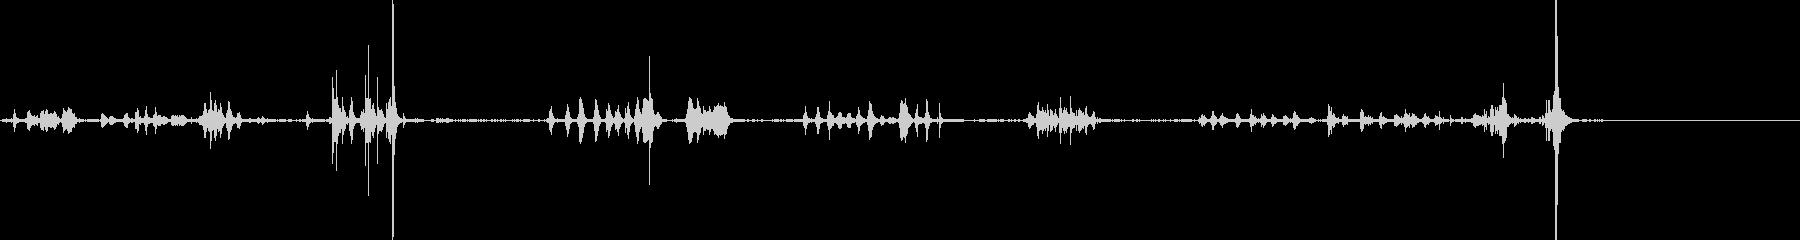 メタル、ムーブメント;波打つ金属は...の未再生の波形